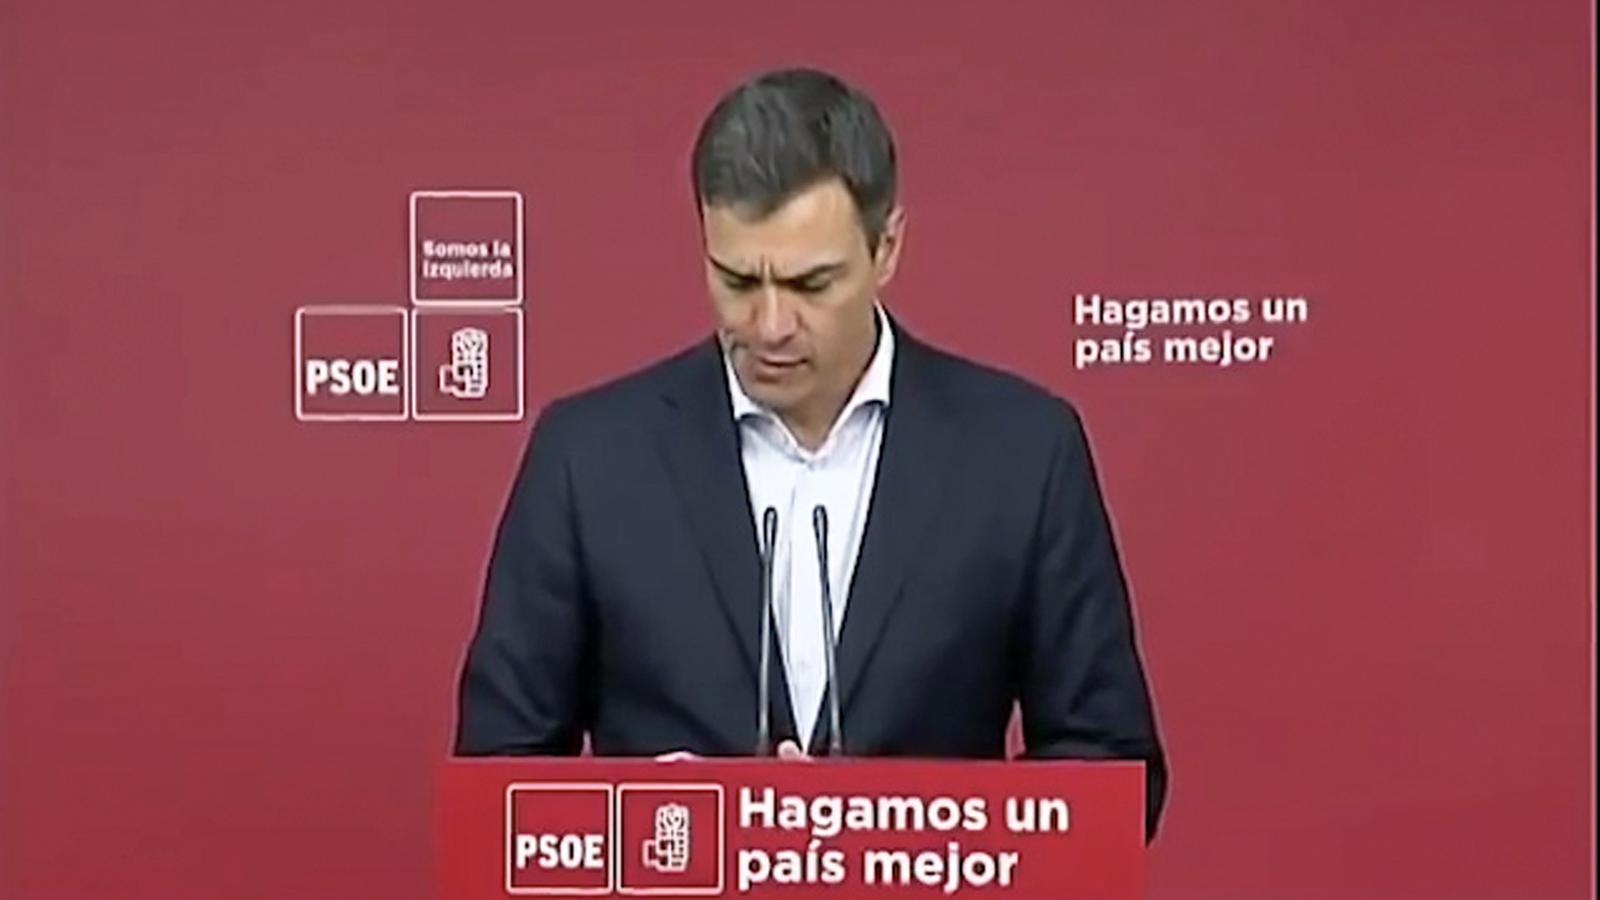 L'anàlisi d'Antoni Bassas: 'Pedro Sánchez i el ridícul polític'